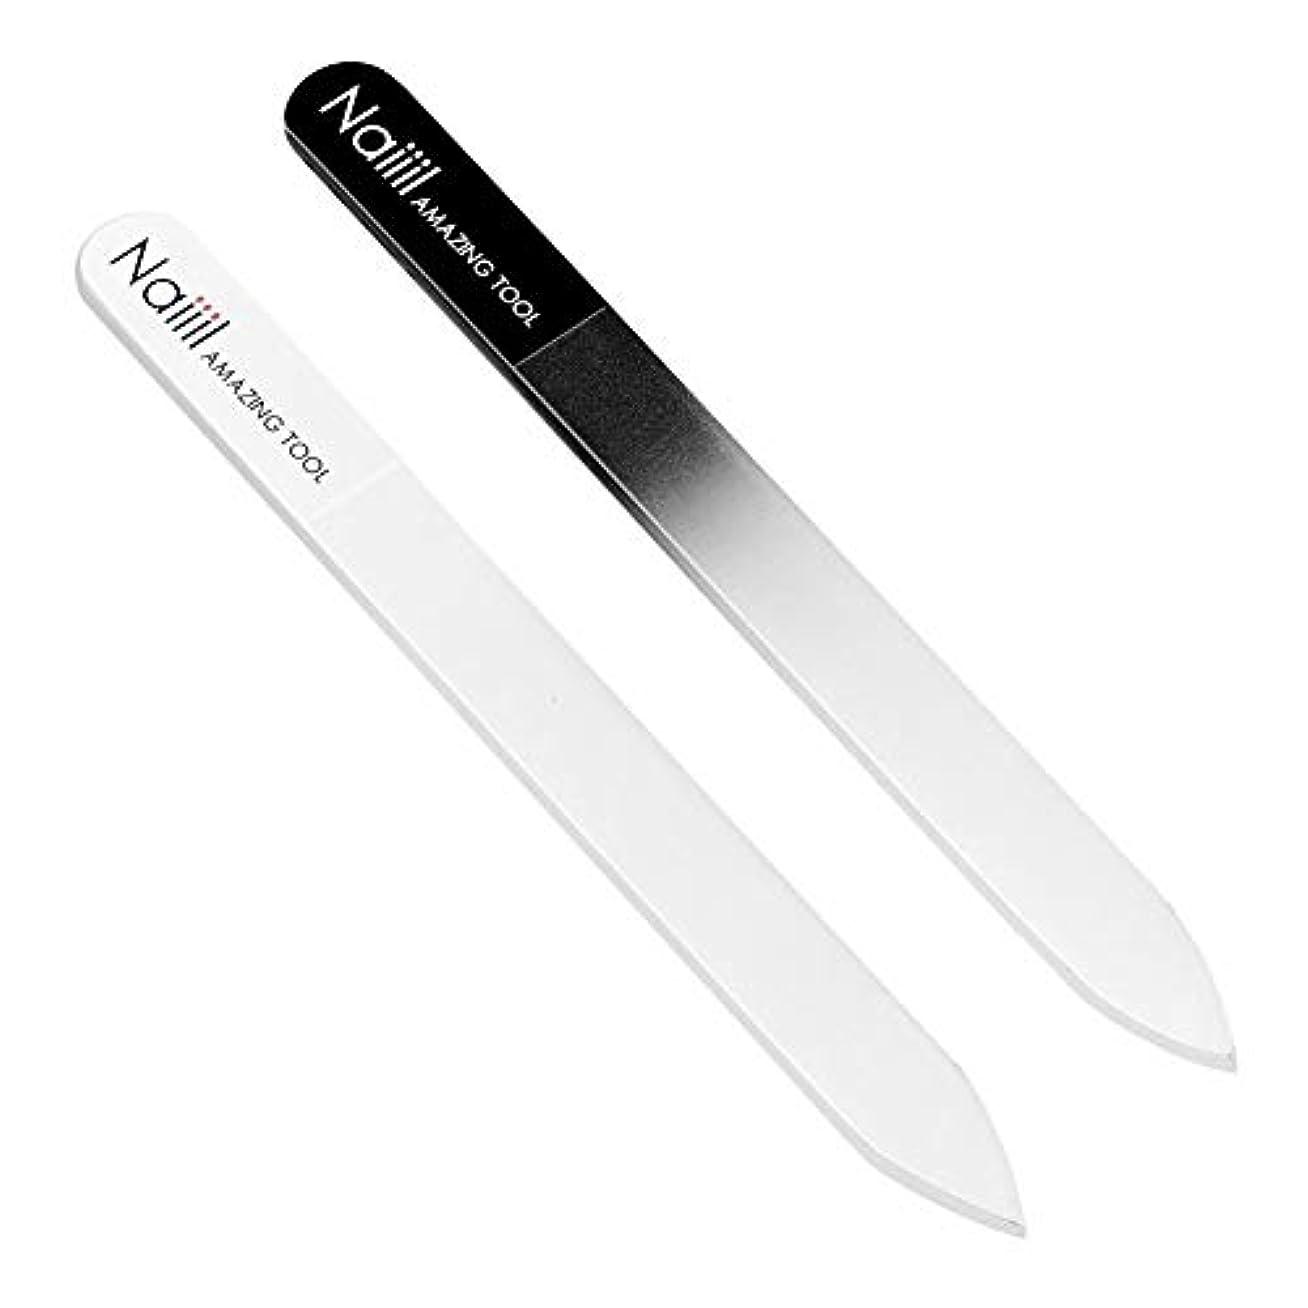 スイインデックス付けるNaiiil [2本セット] ガラス製爪やすり 専用ケース付 持ち運びやすい 持久耐用